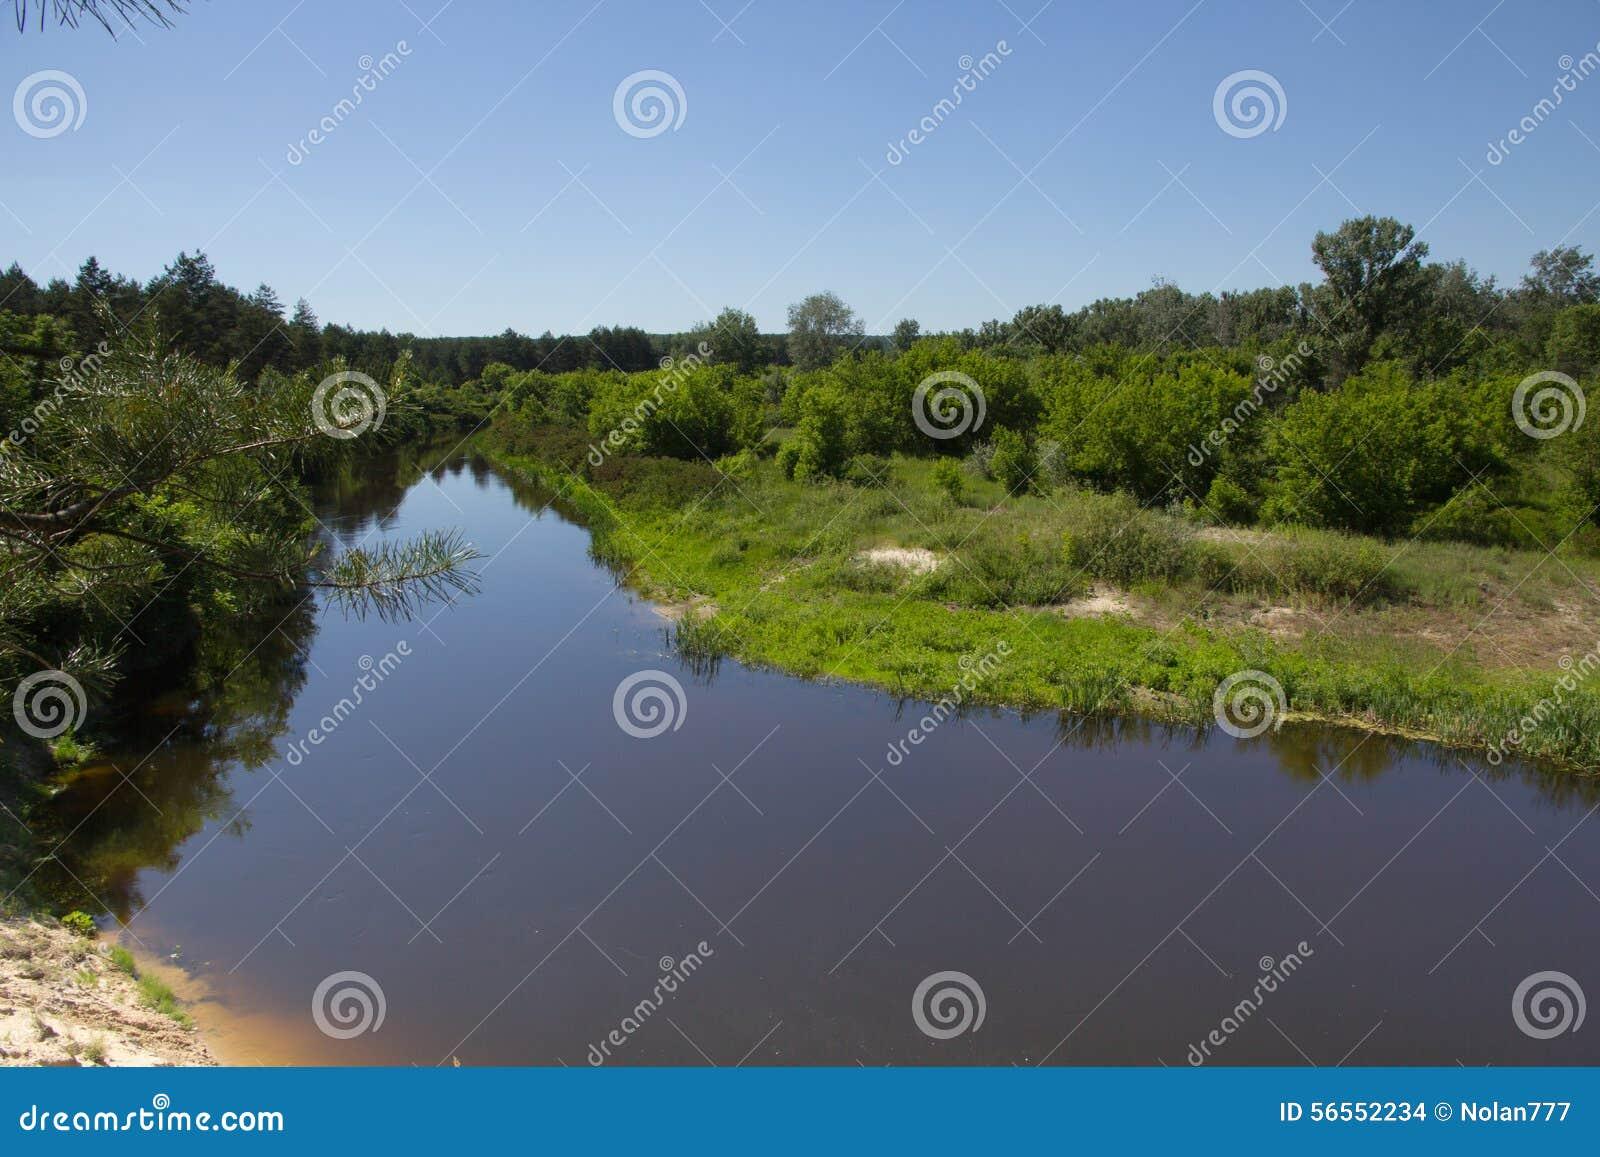 Download Συννεφιάζω ημέρα το καλοκαίρι Στοκ Εικόνες - εικόνα από ουρανός, υπαίθριος: 56552234